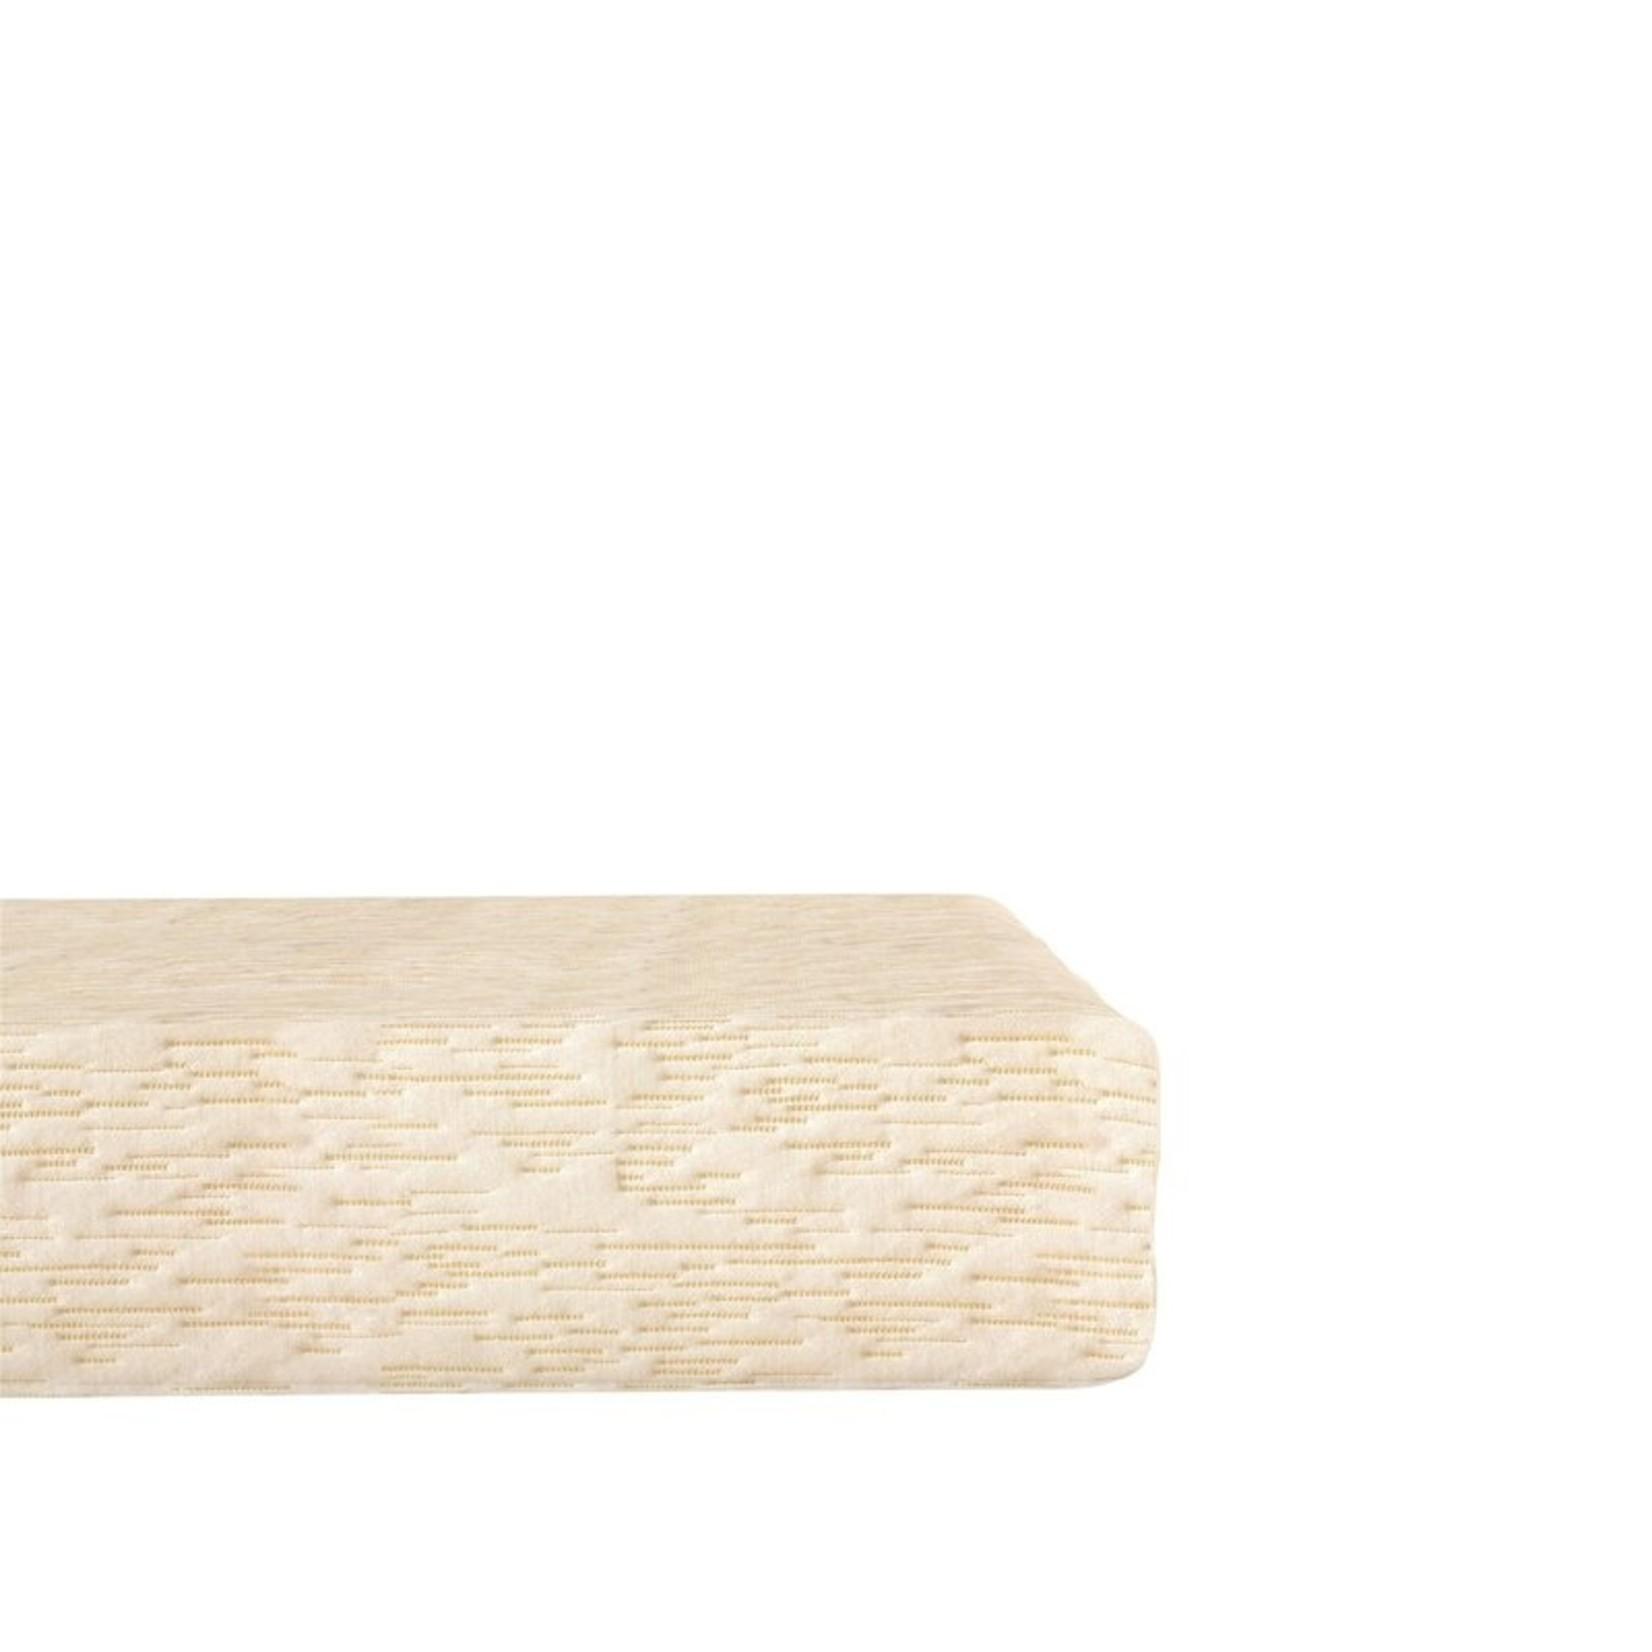 """* Twin XL -Wayfair Sleep 8"""" Medium Memory Foam Mattress - Final Sale"""